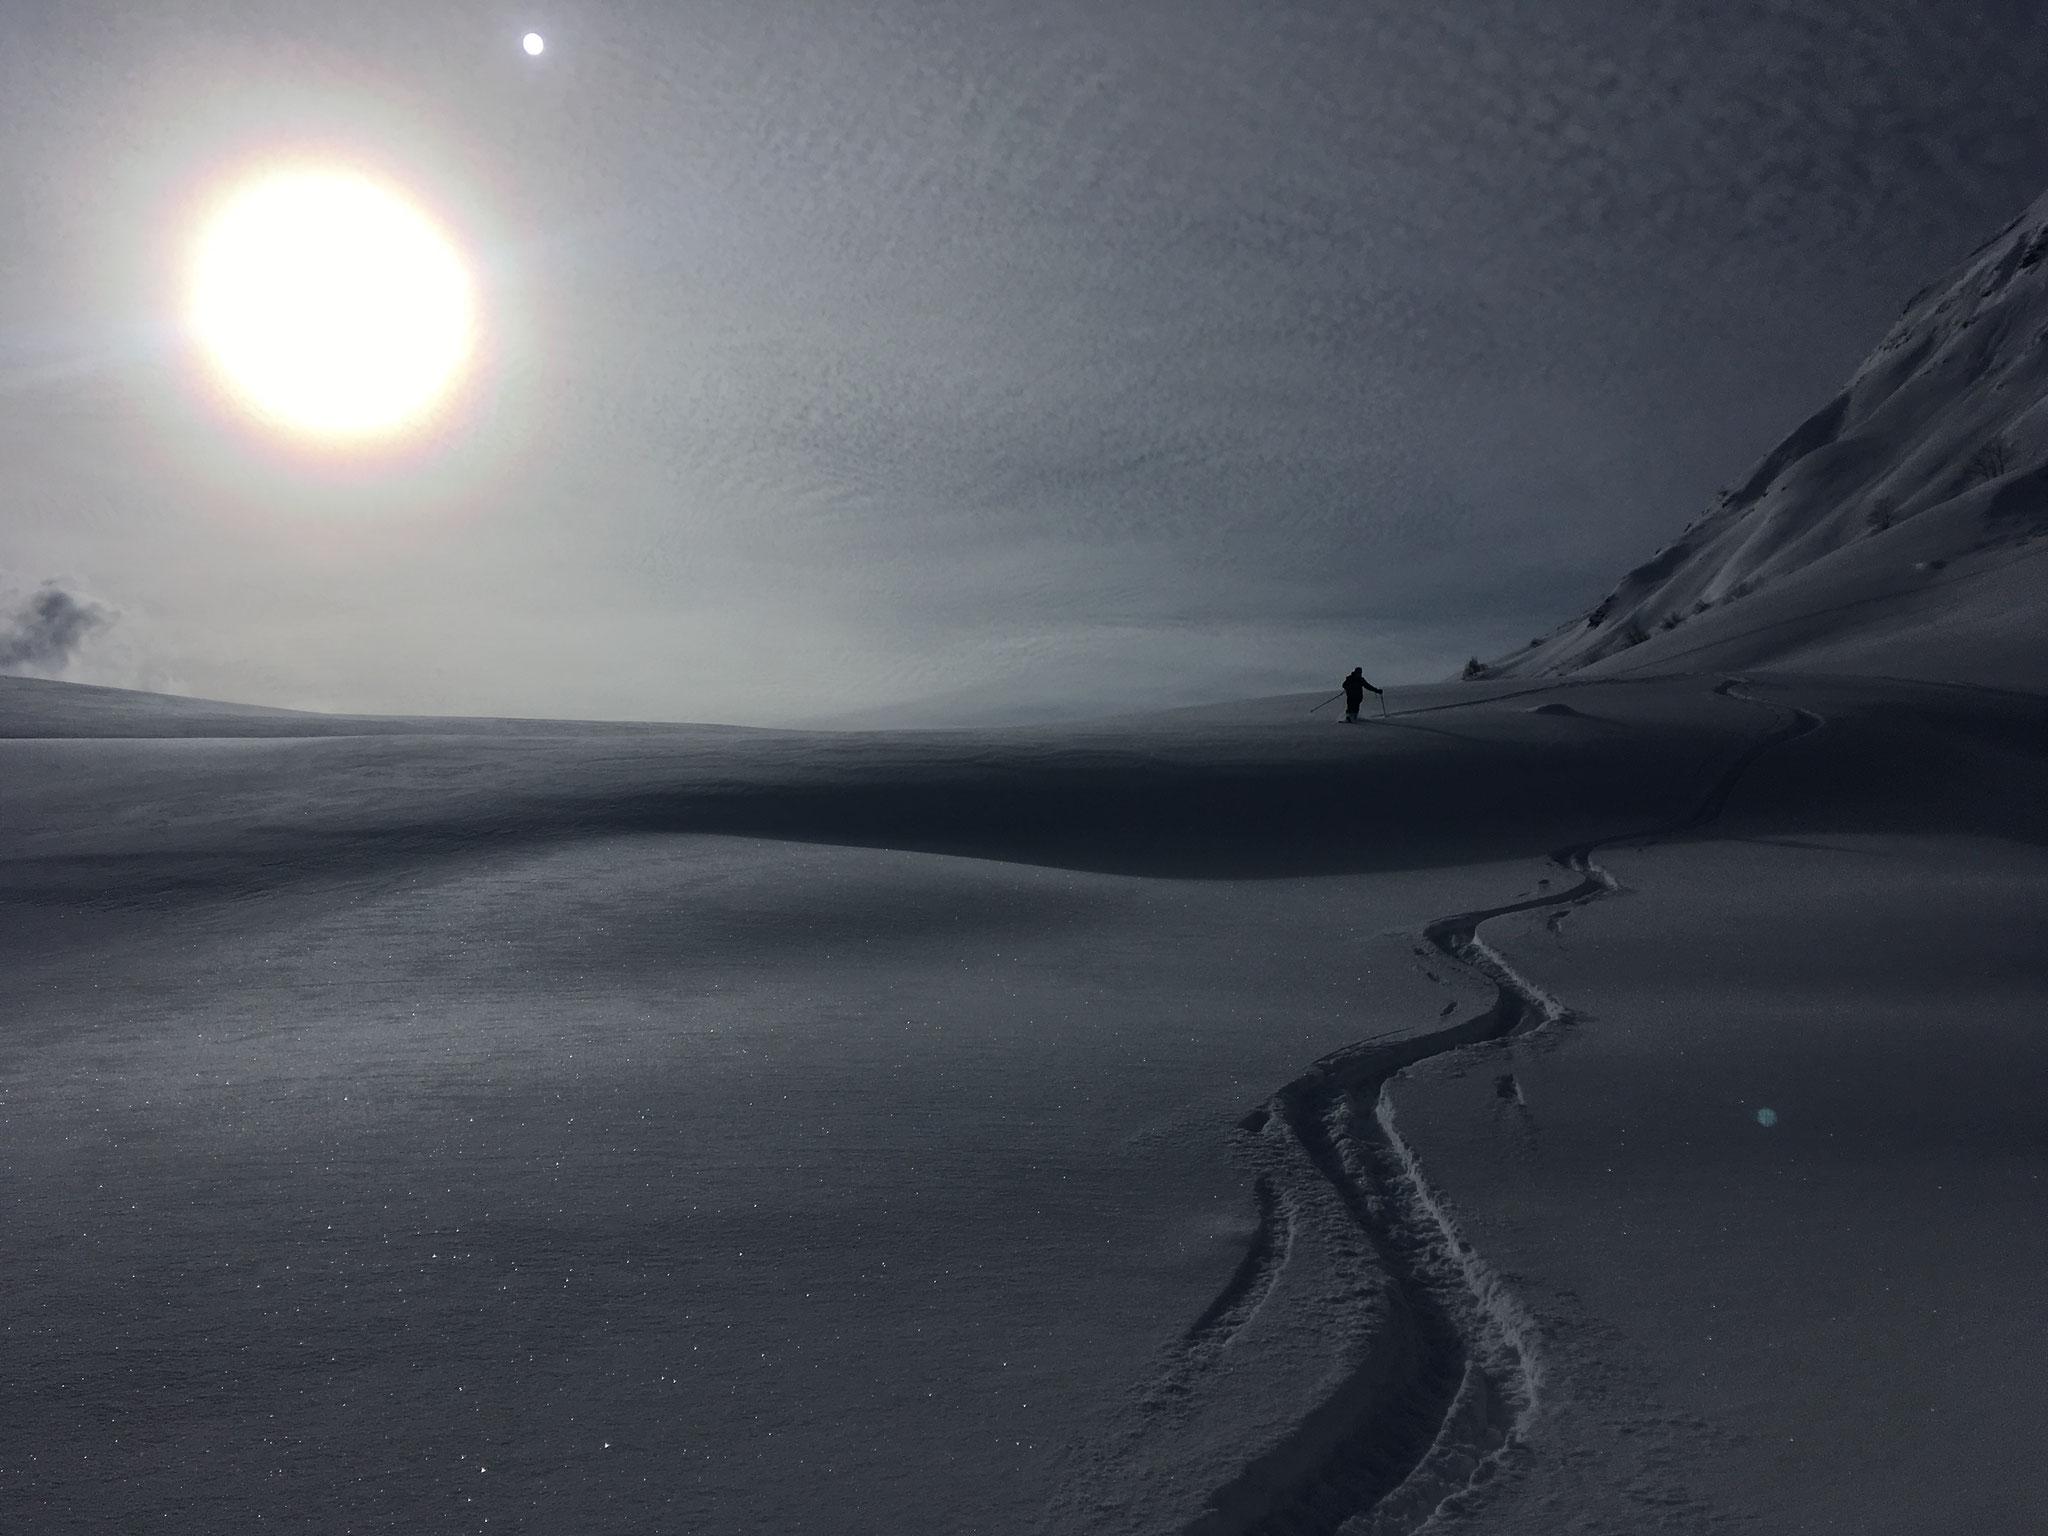 A la descente, lumière de neige irréelle